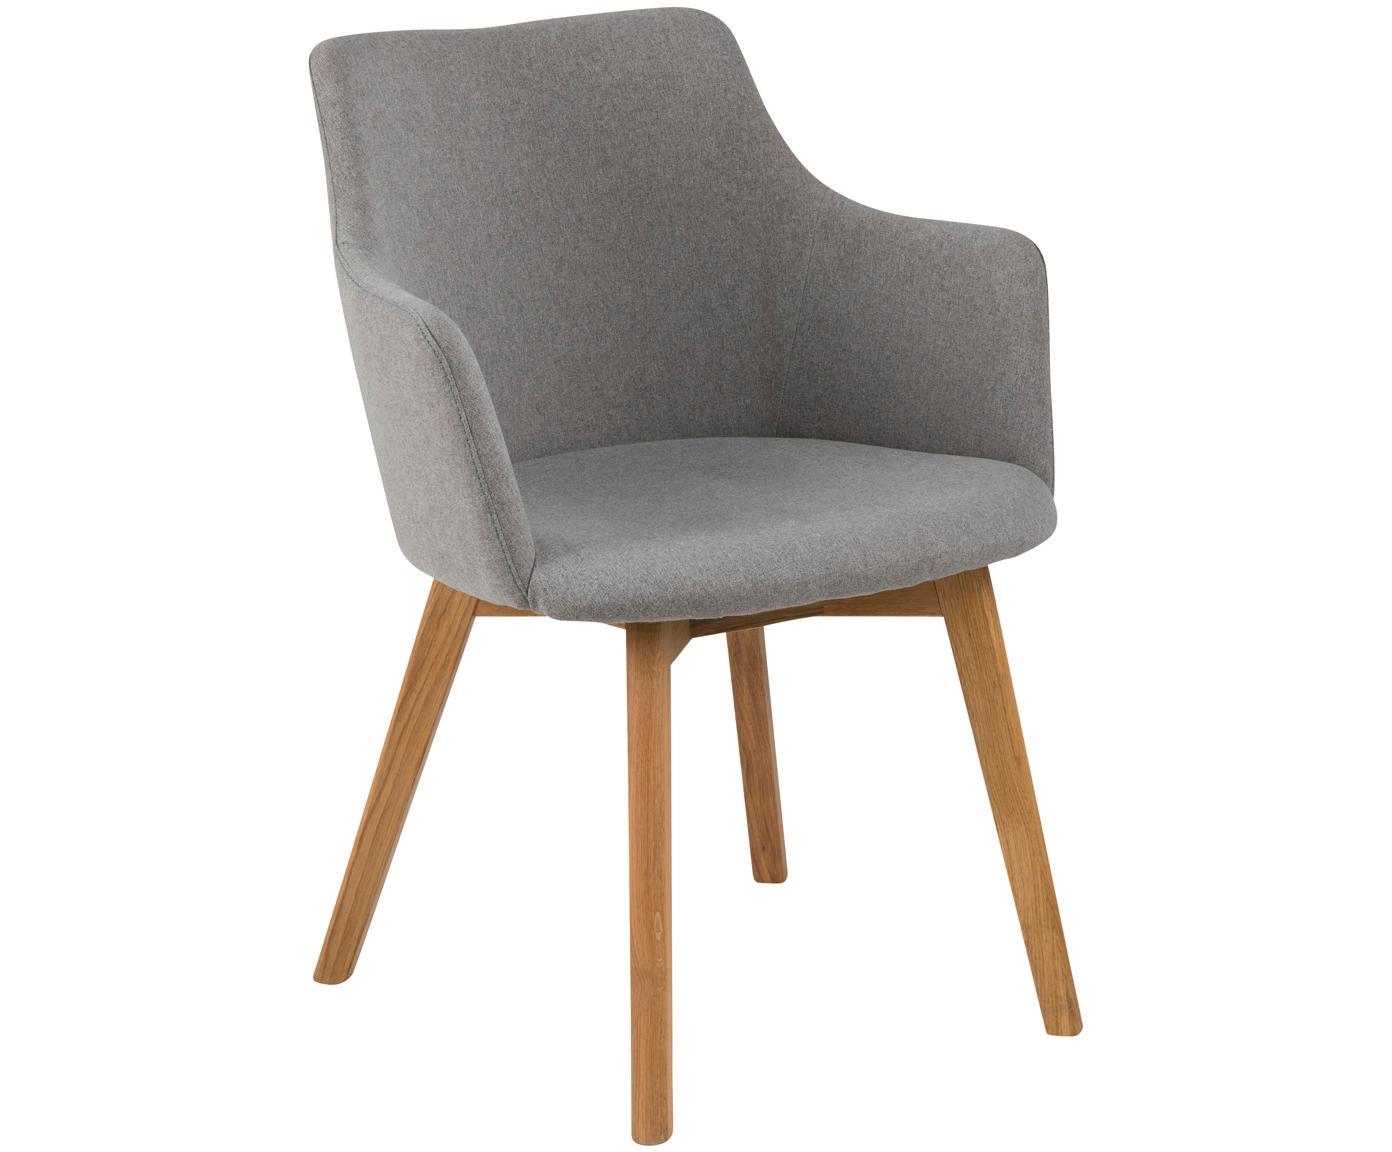 Krzesło z podłokietnikami Granada, 2 szt., Tapicerka: poliester 25000 cykli w , Nogi: drewno dębowe, olejowane, Jasny szary, S 62 x G 59 cm